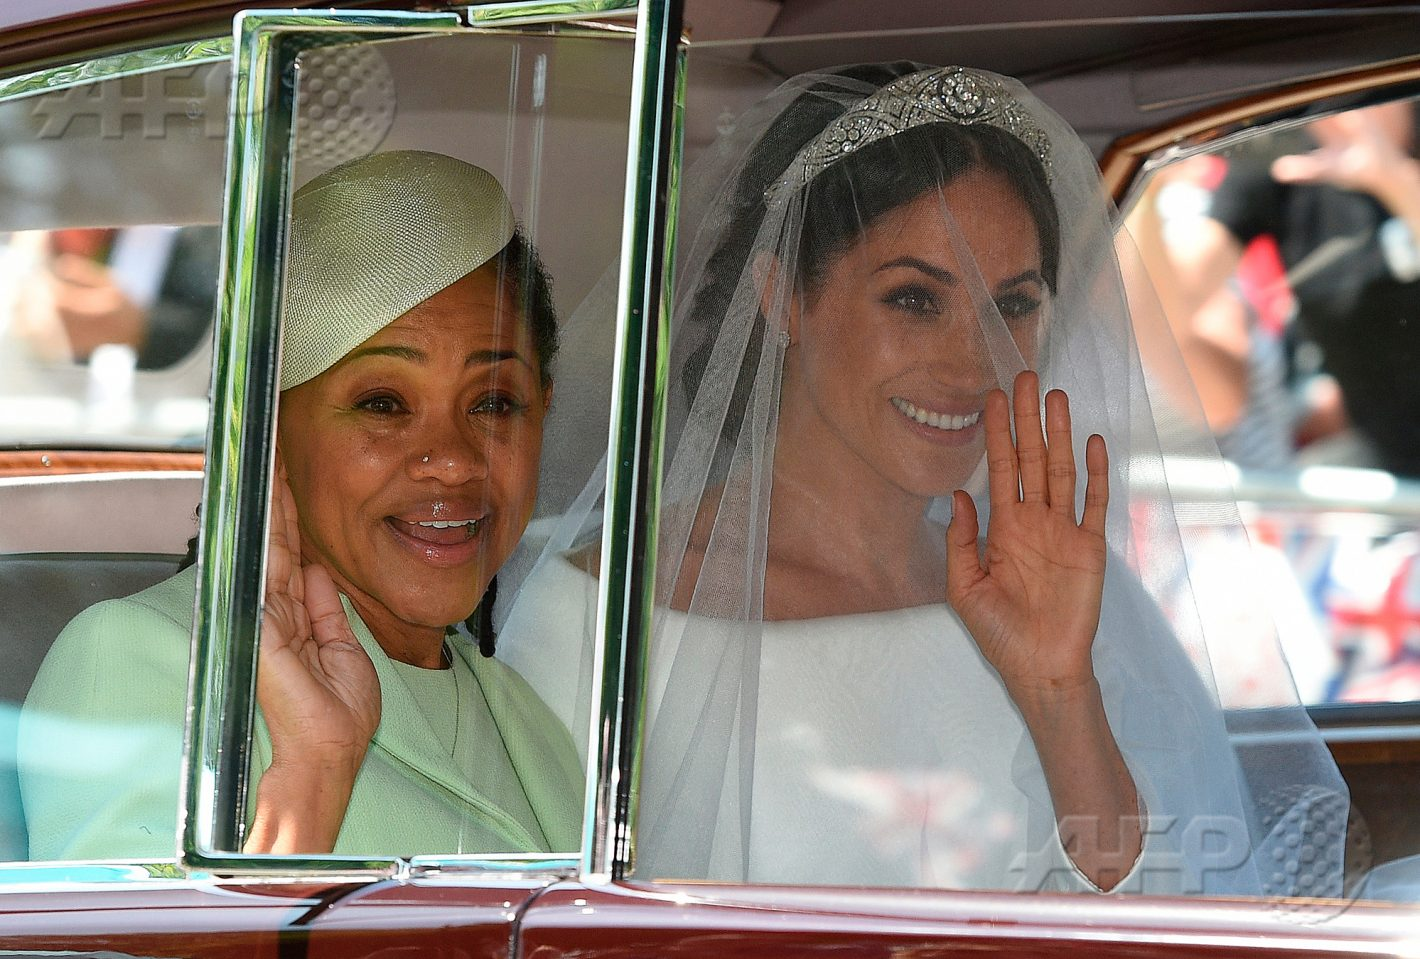 19 mai 2018 – Windsor, Royaume-Uni - Meghan Markle (R) accompagnée de sa mère, Doria Ragland, arrive pour la cérémonie de son mariage avec le Prince Harry, Duc de Sussex, à la chapelle St George du château de Windsor. AFP PHOTO / Oli SCARFF